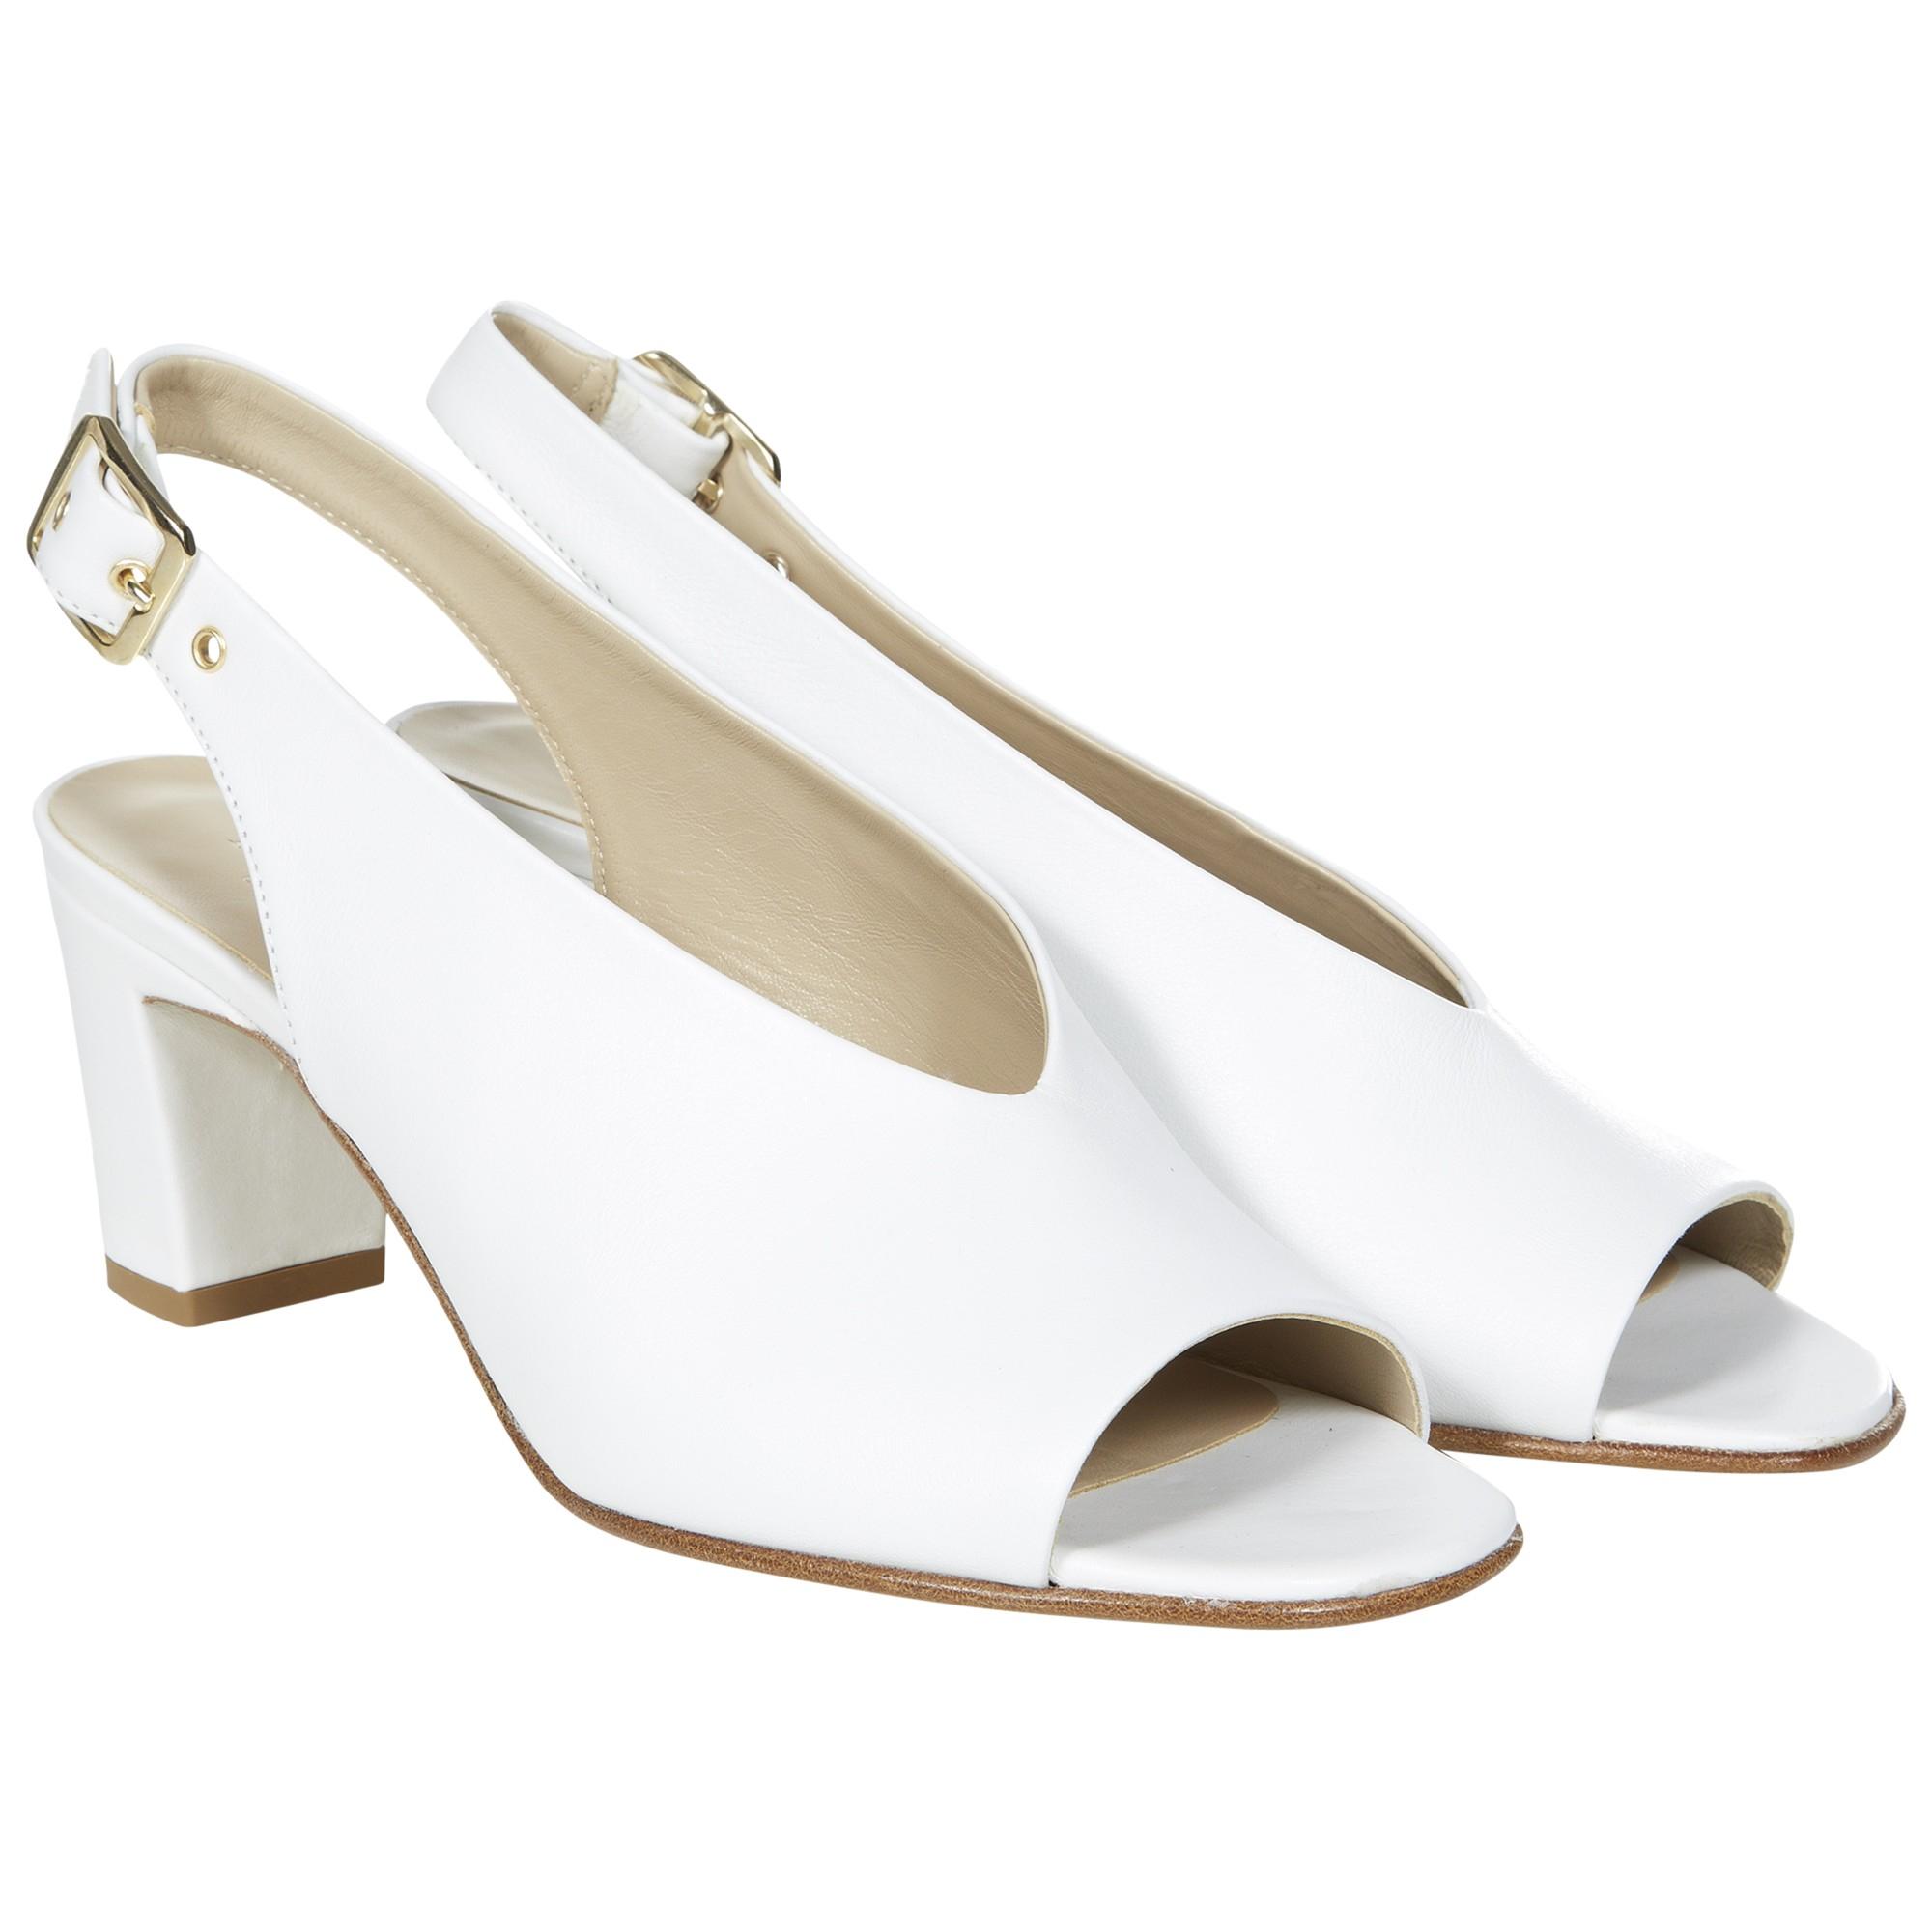 9ce6e11b707 Hobbs Kali Sandals in White - Lyst